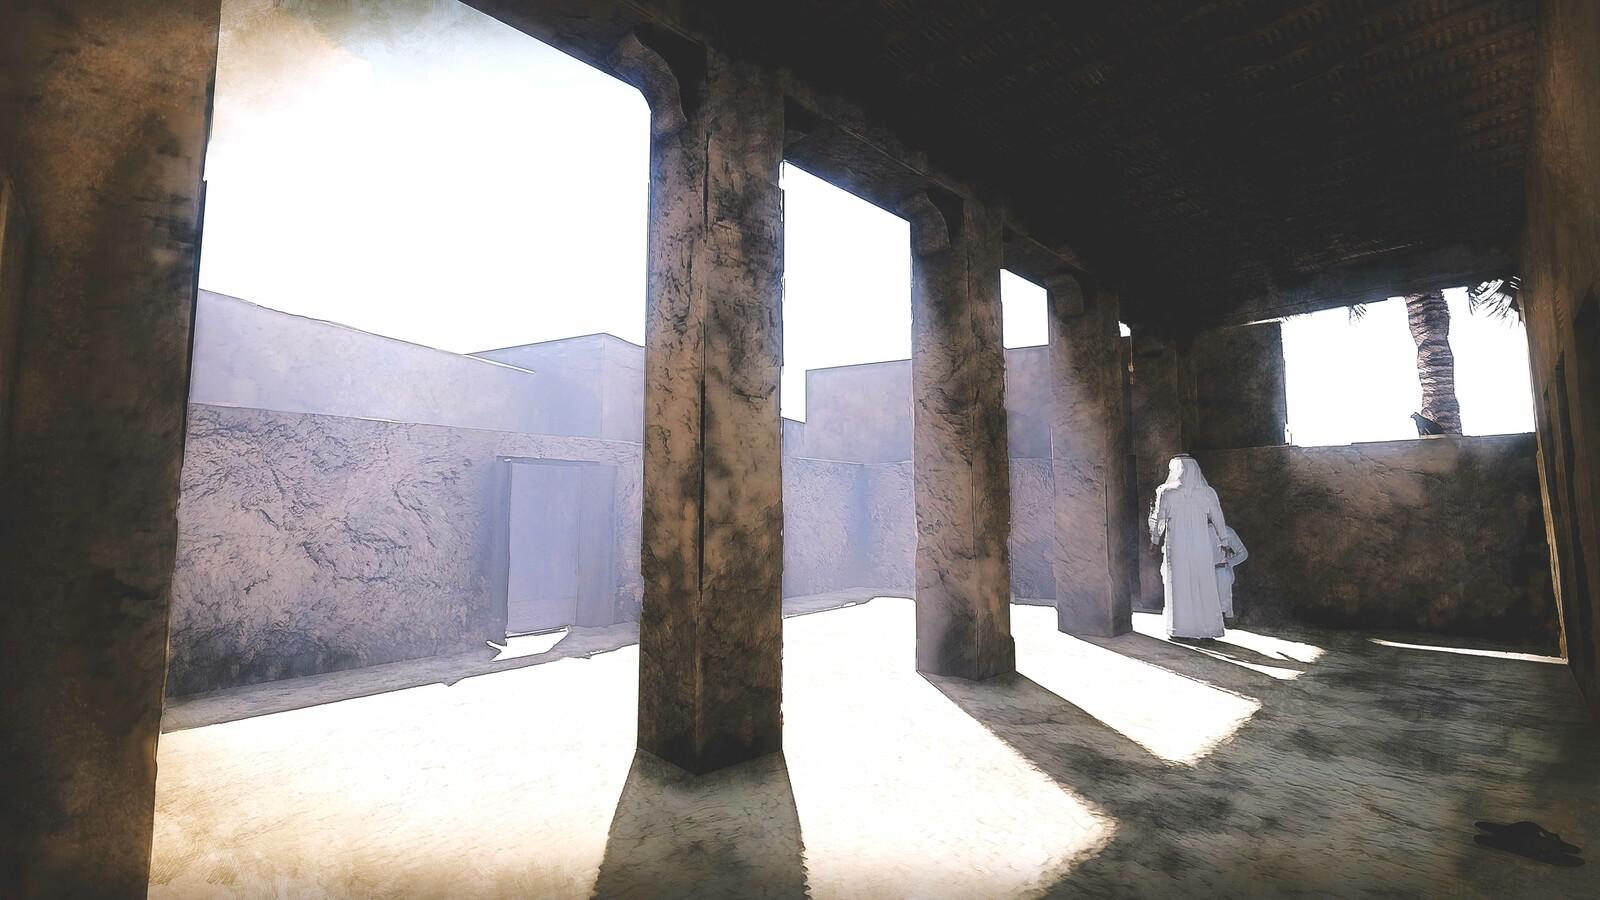 Al Midfa Mosque (Sharjah, U.A.E) - Virtual Reconstruction